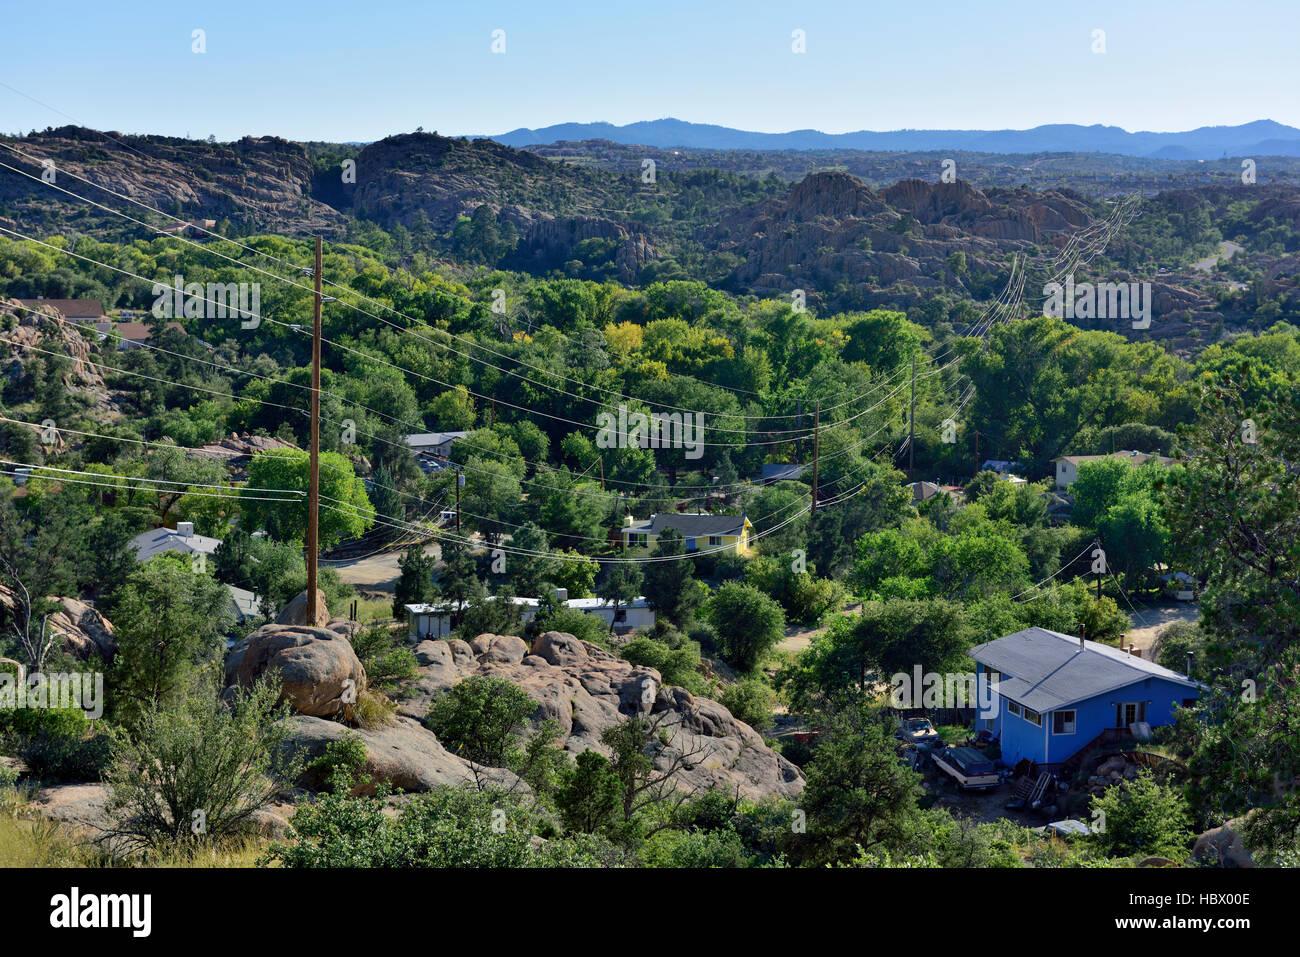 Robuste felsiges Gelände mit Häusern und Stromleitungen bis ins ferne, Granit Dells, Prescott, Arizona Stockbild